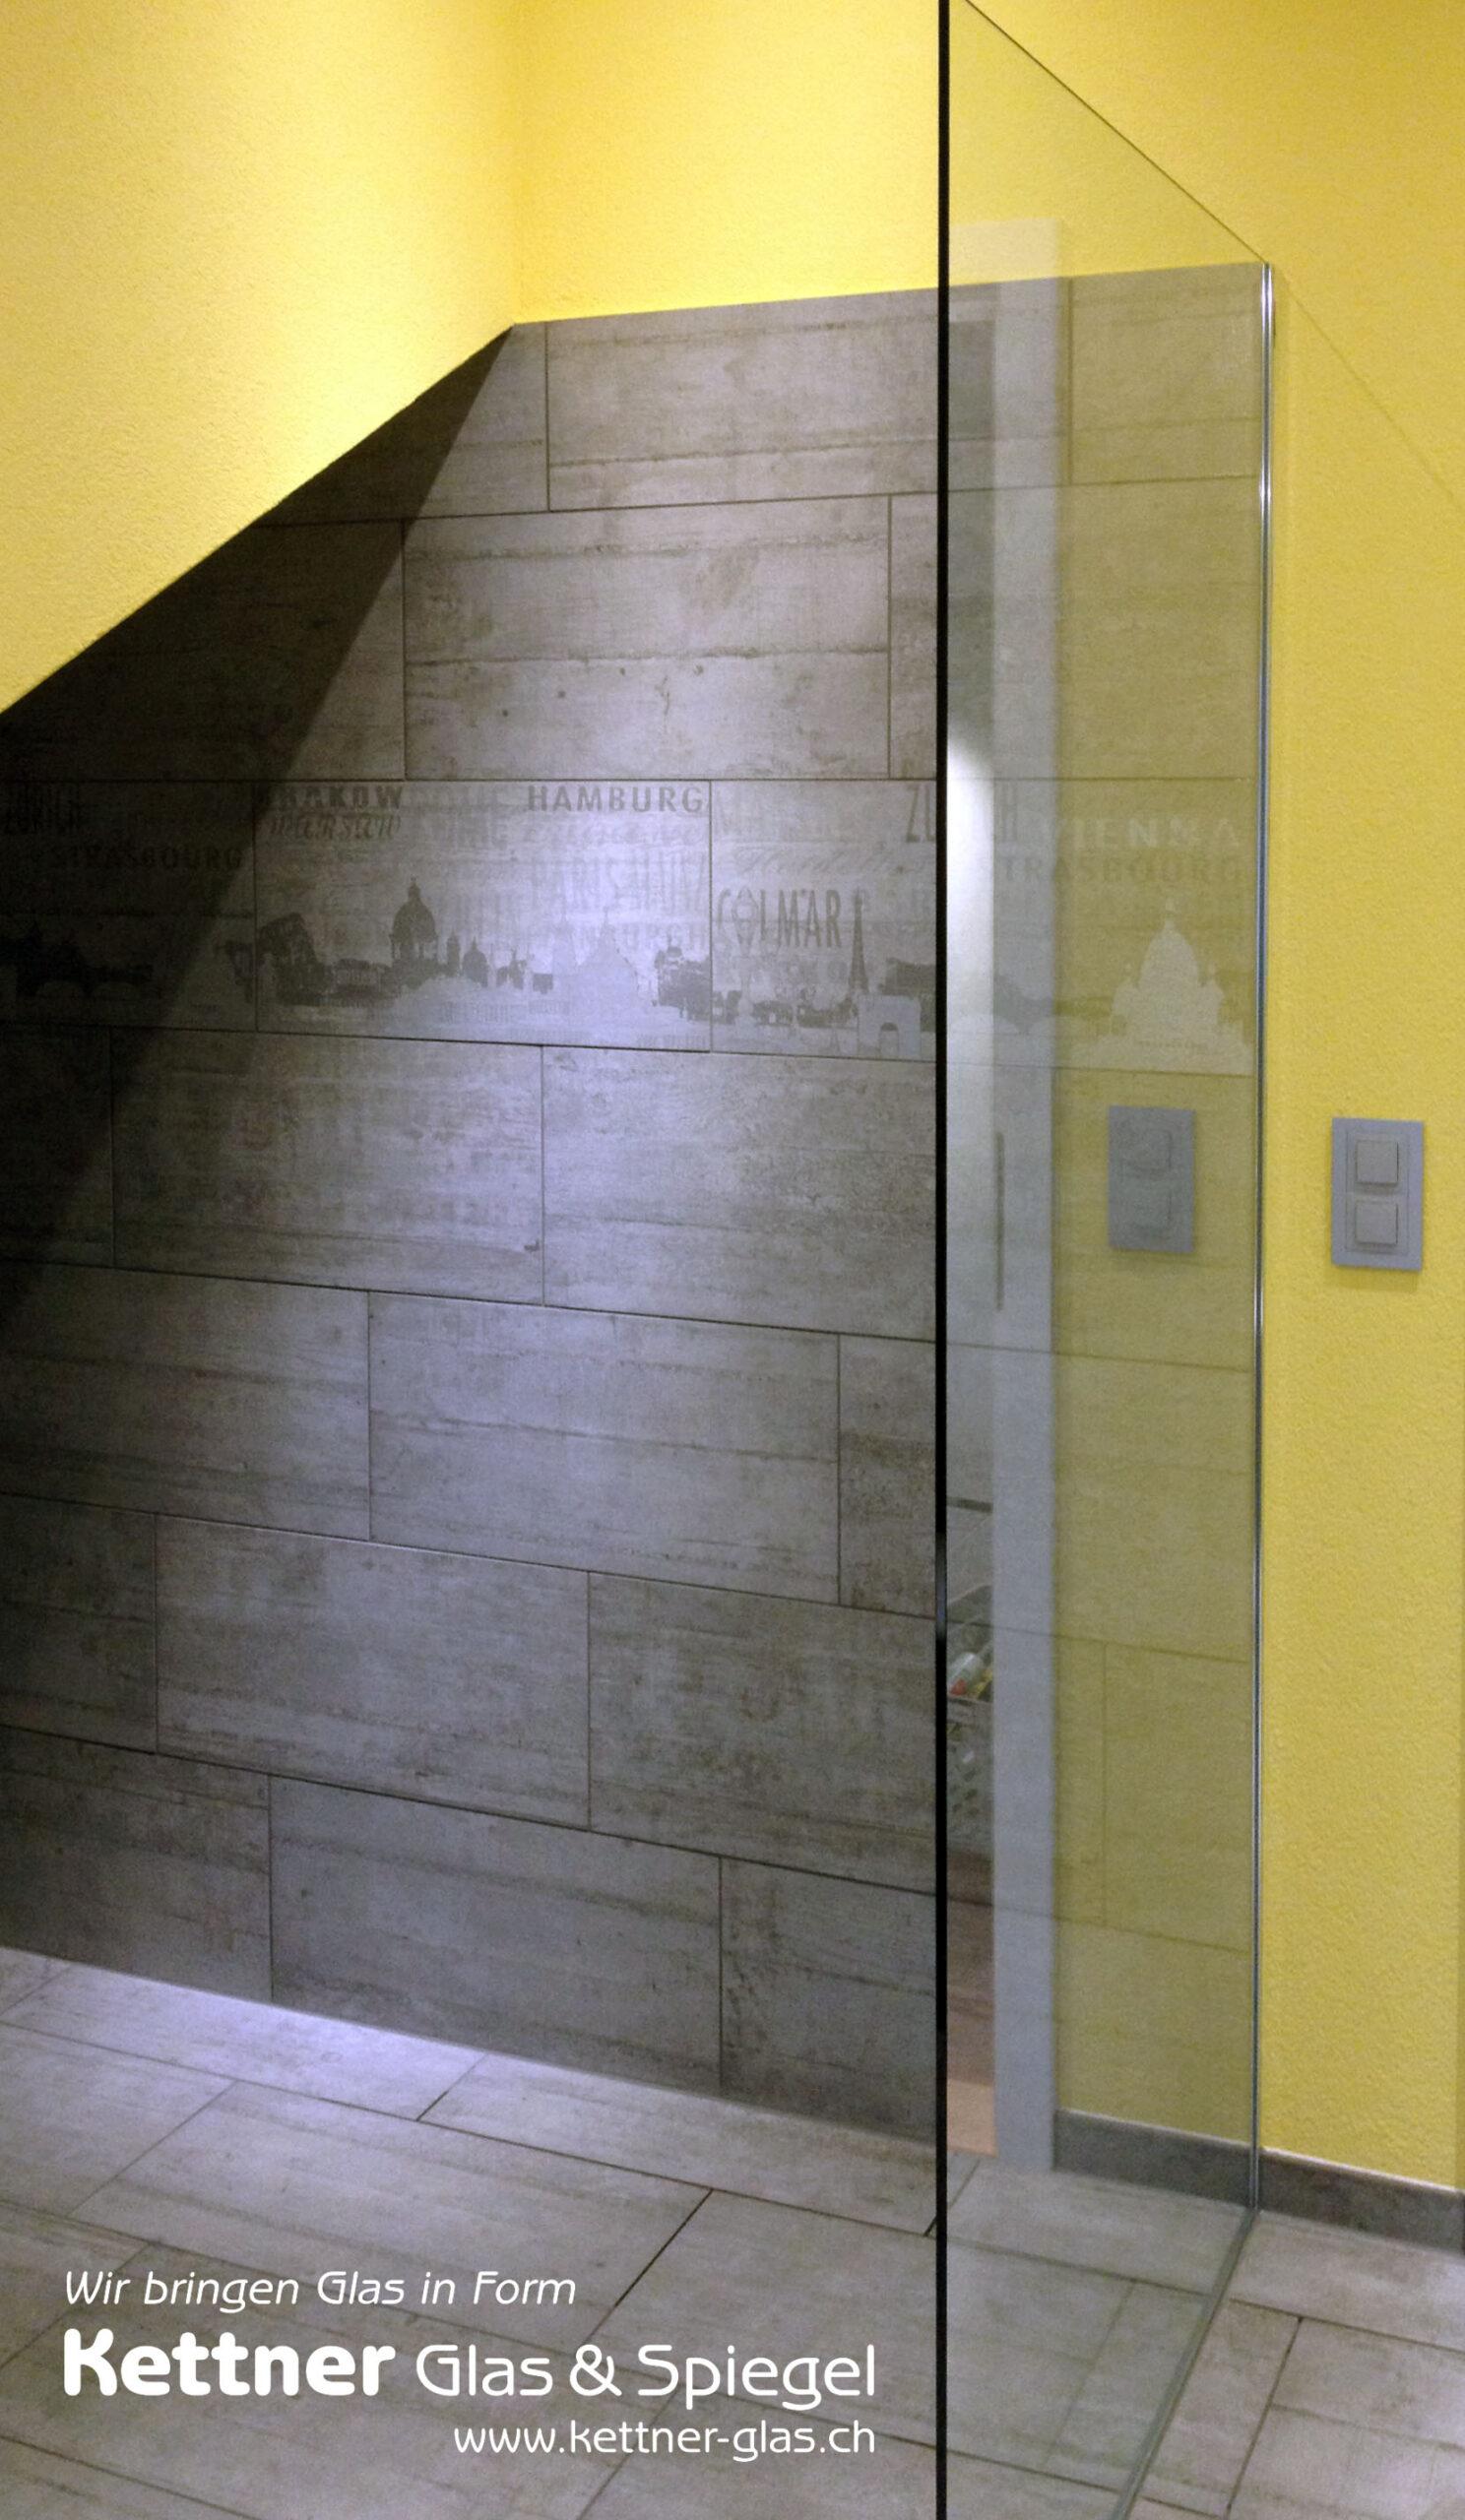 Full Size of Glastrennwand Dusche Glastrennwnde Duschtrennwnde Aus Klarglas Auch Showerguard Glas Wand Hsk Duschen Einhebelmischer Walk In Glastür Glaswand Raindance Dusche Glastrennwand Dusche